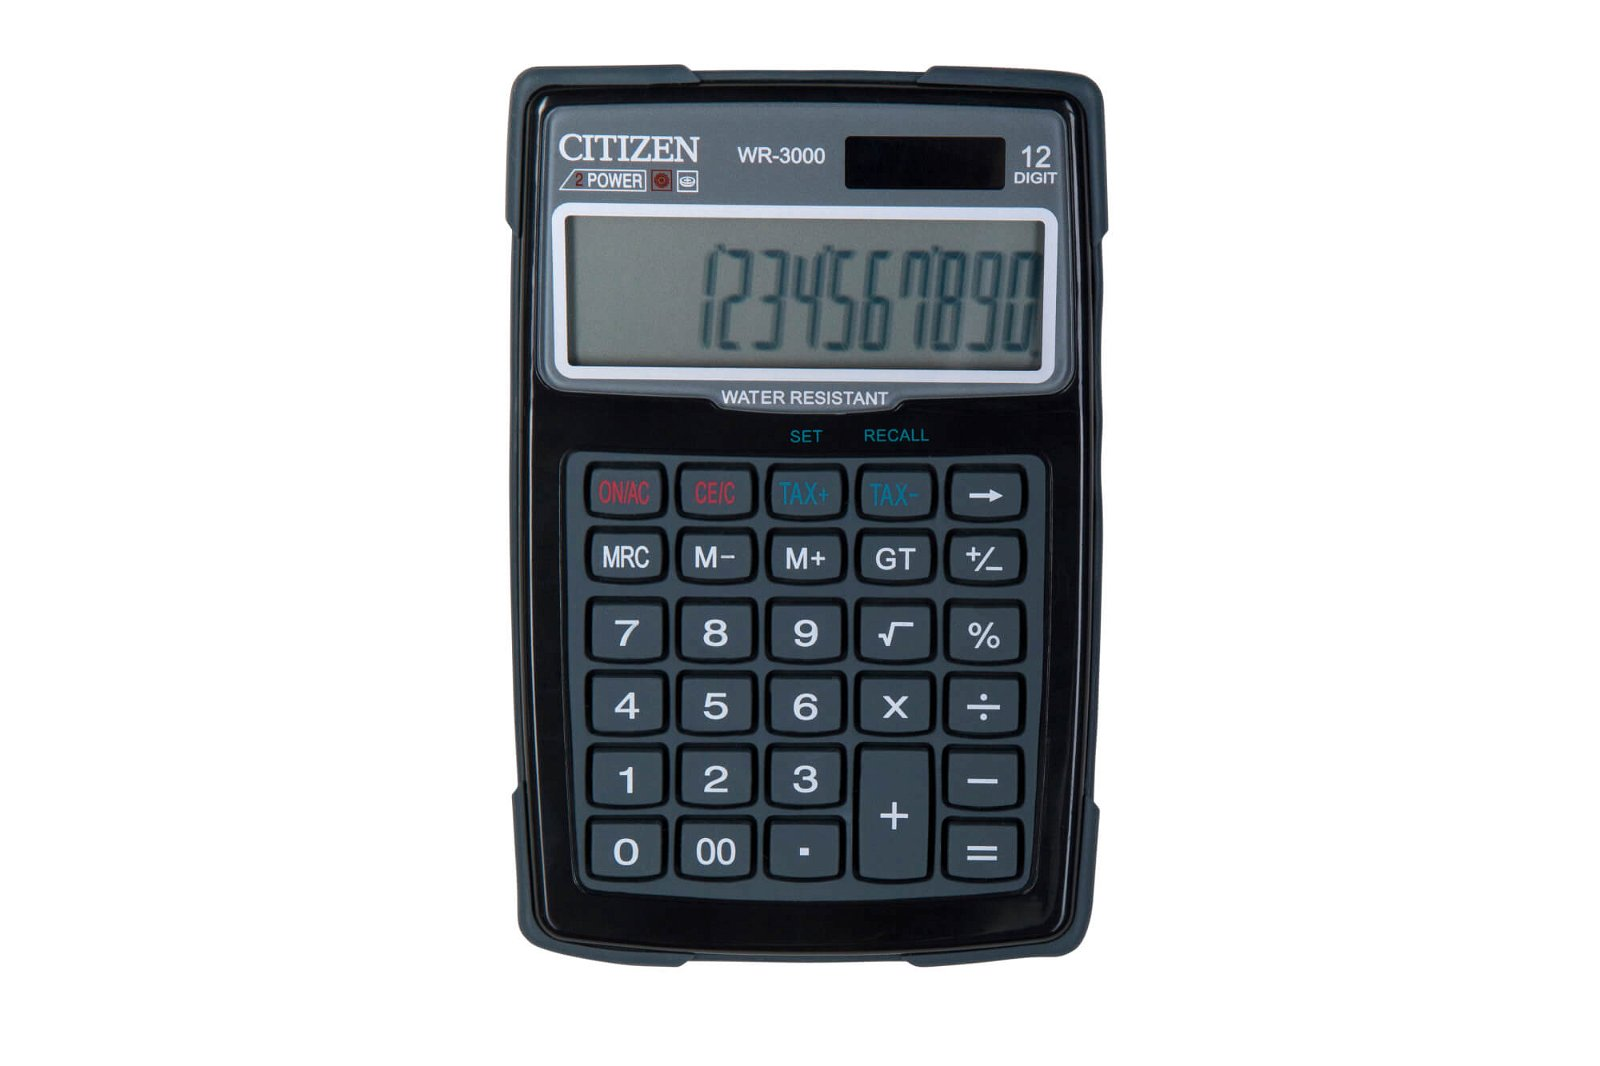 Tischrechner outdoor WR-3000, schwarz